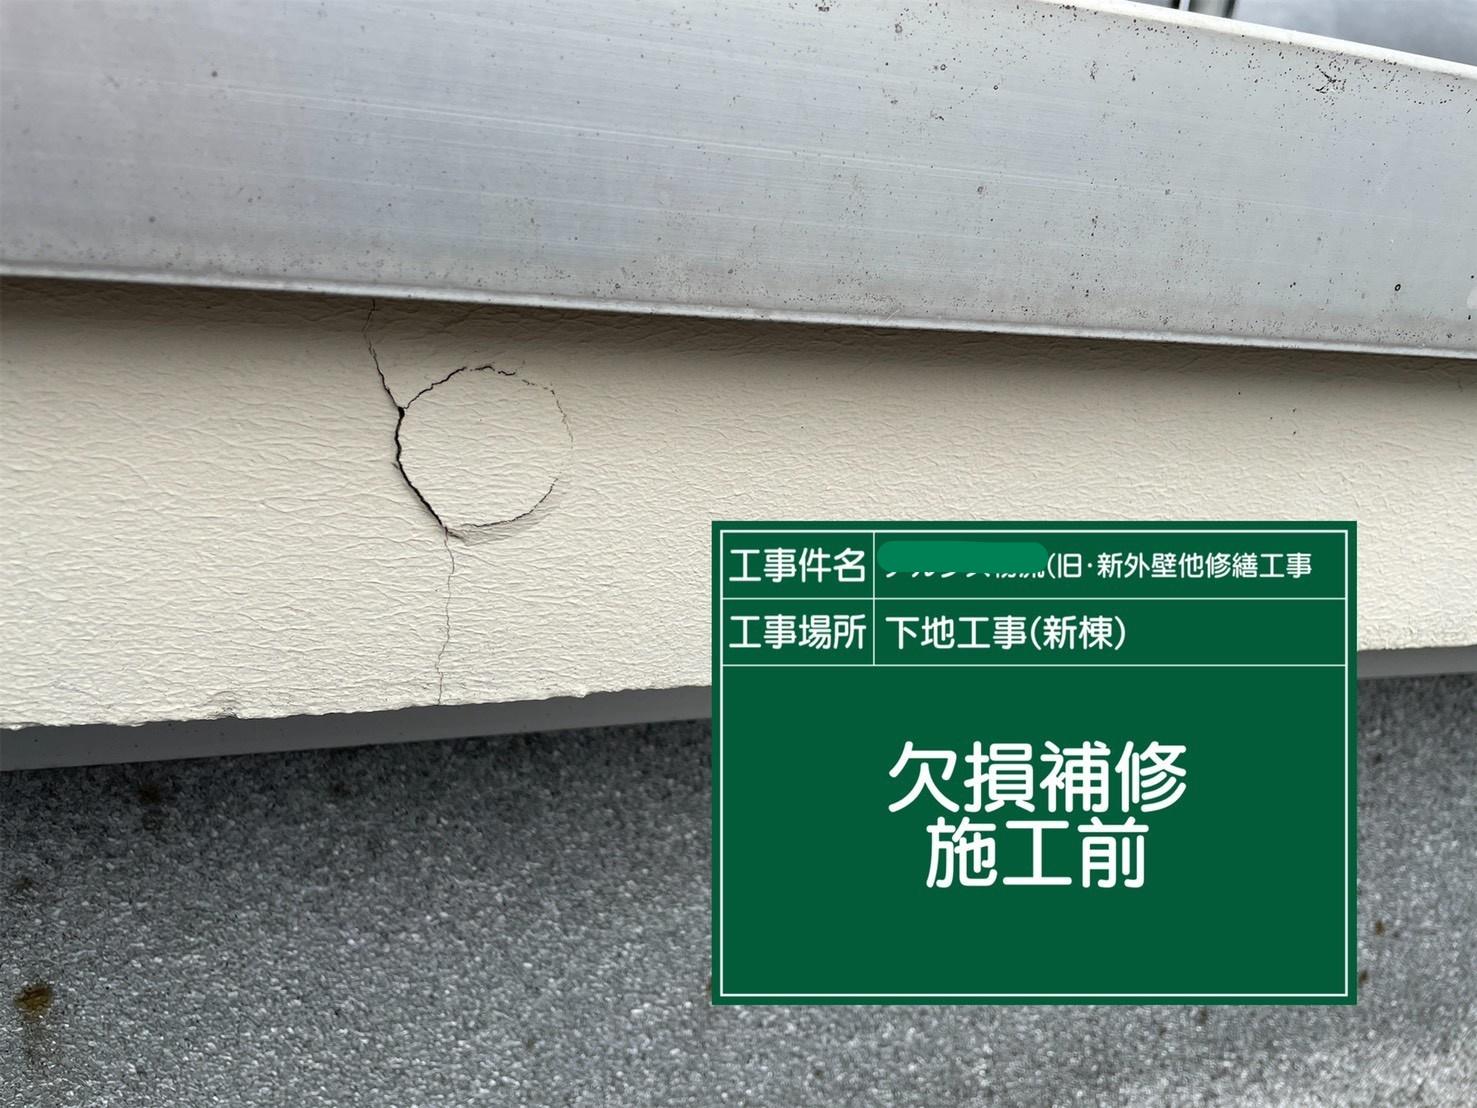 【欠損補修】①施工前